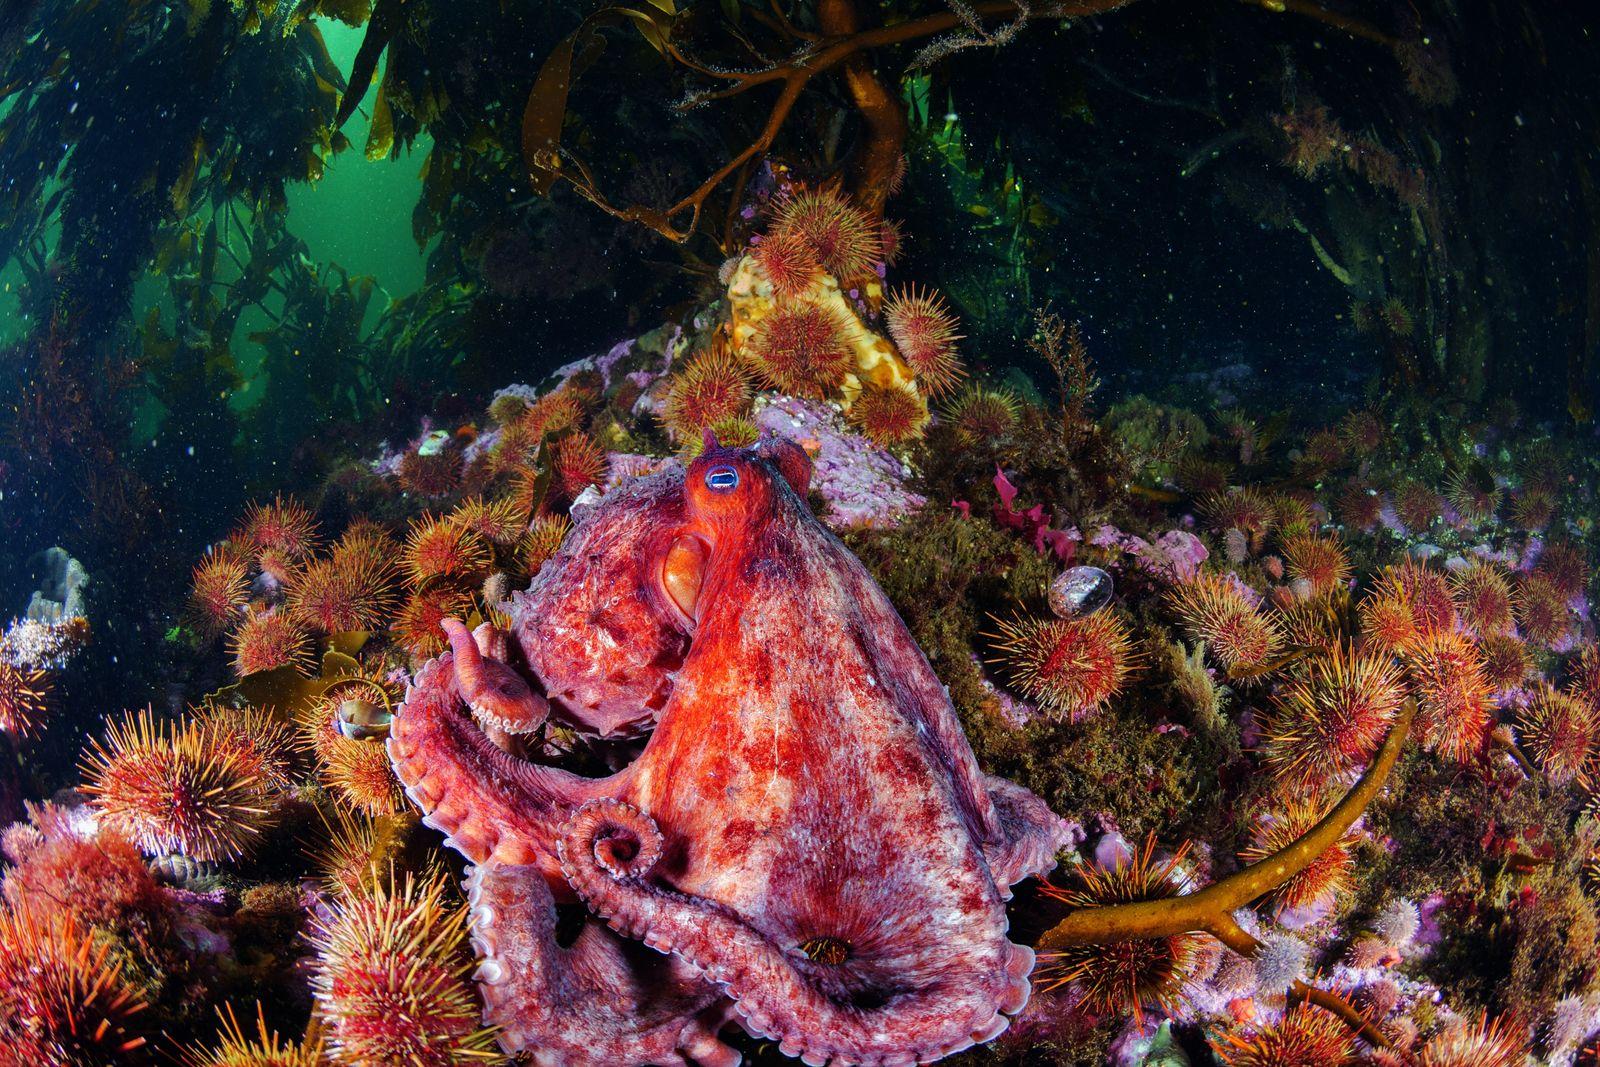 Au large de l'île des États, un poulpe géant de Patagonie repose sur un lit d'oursins. ...